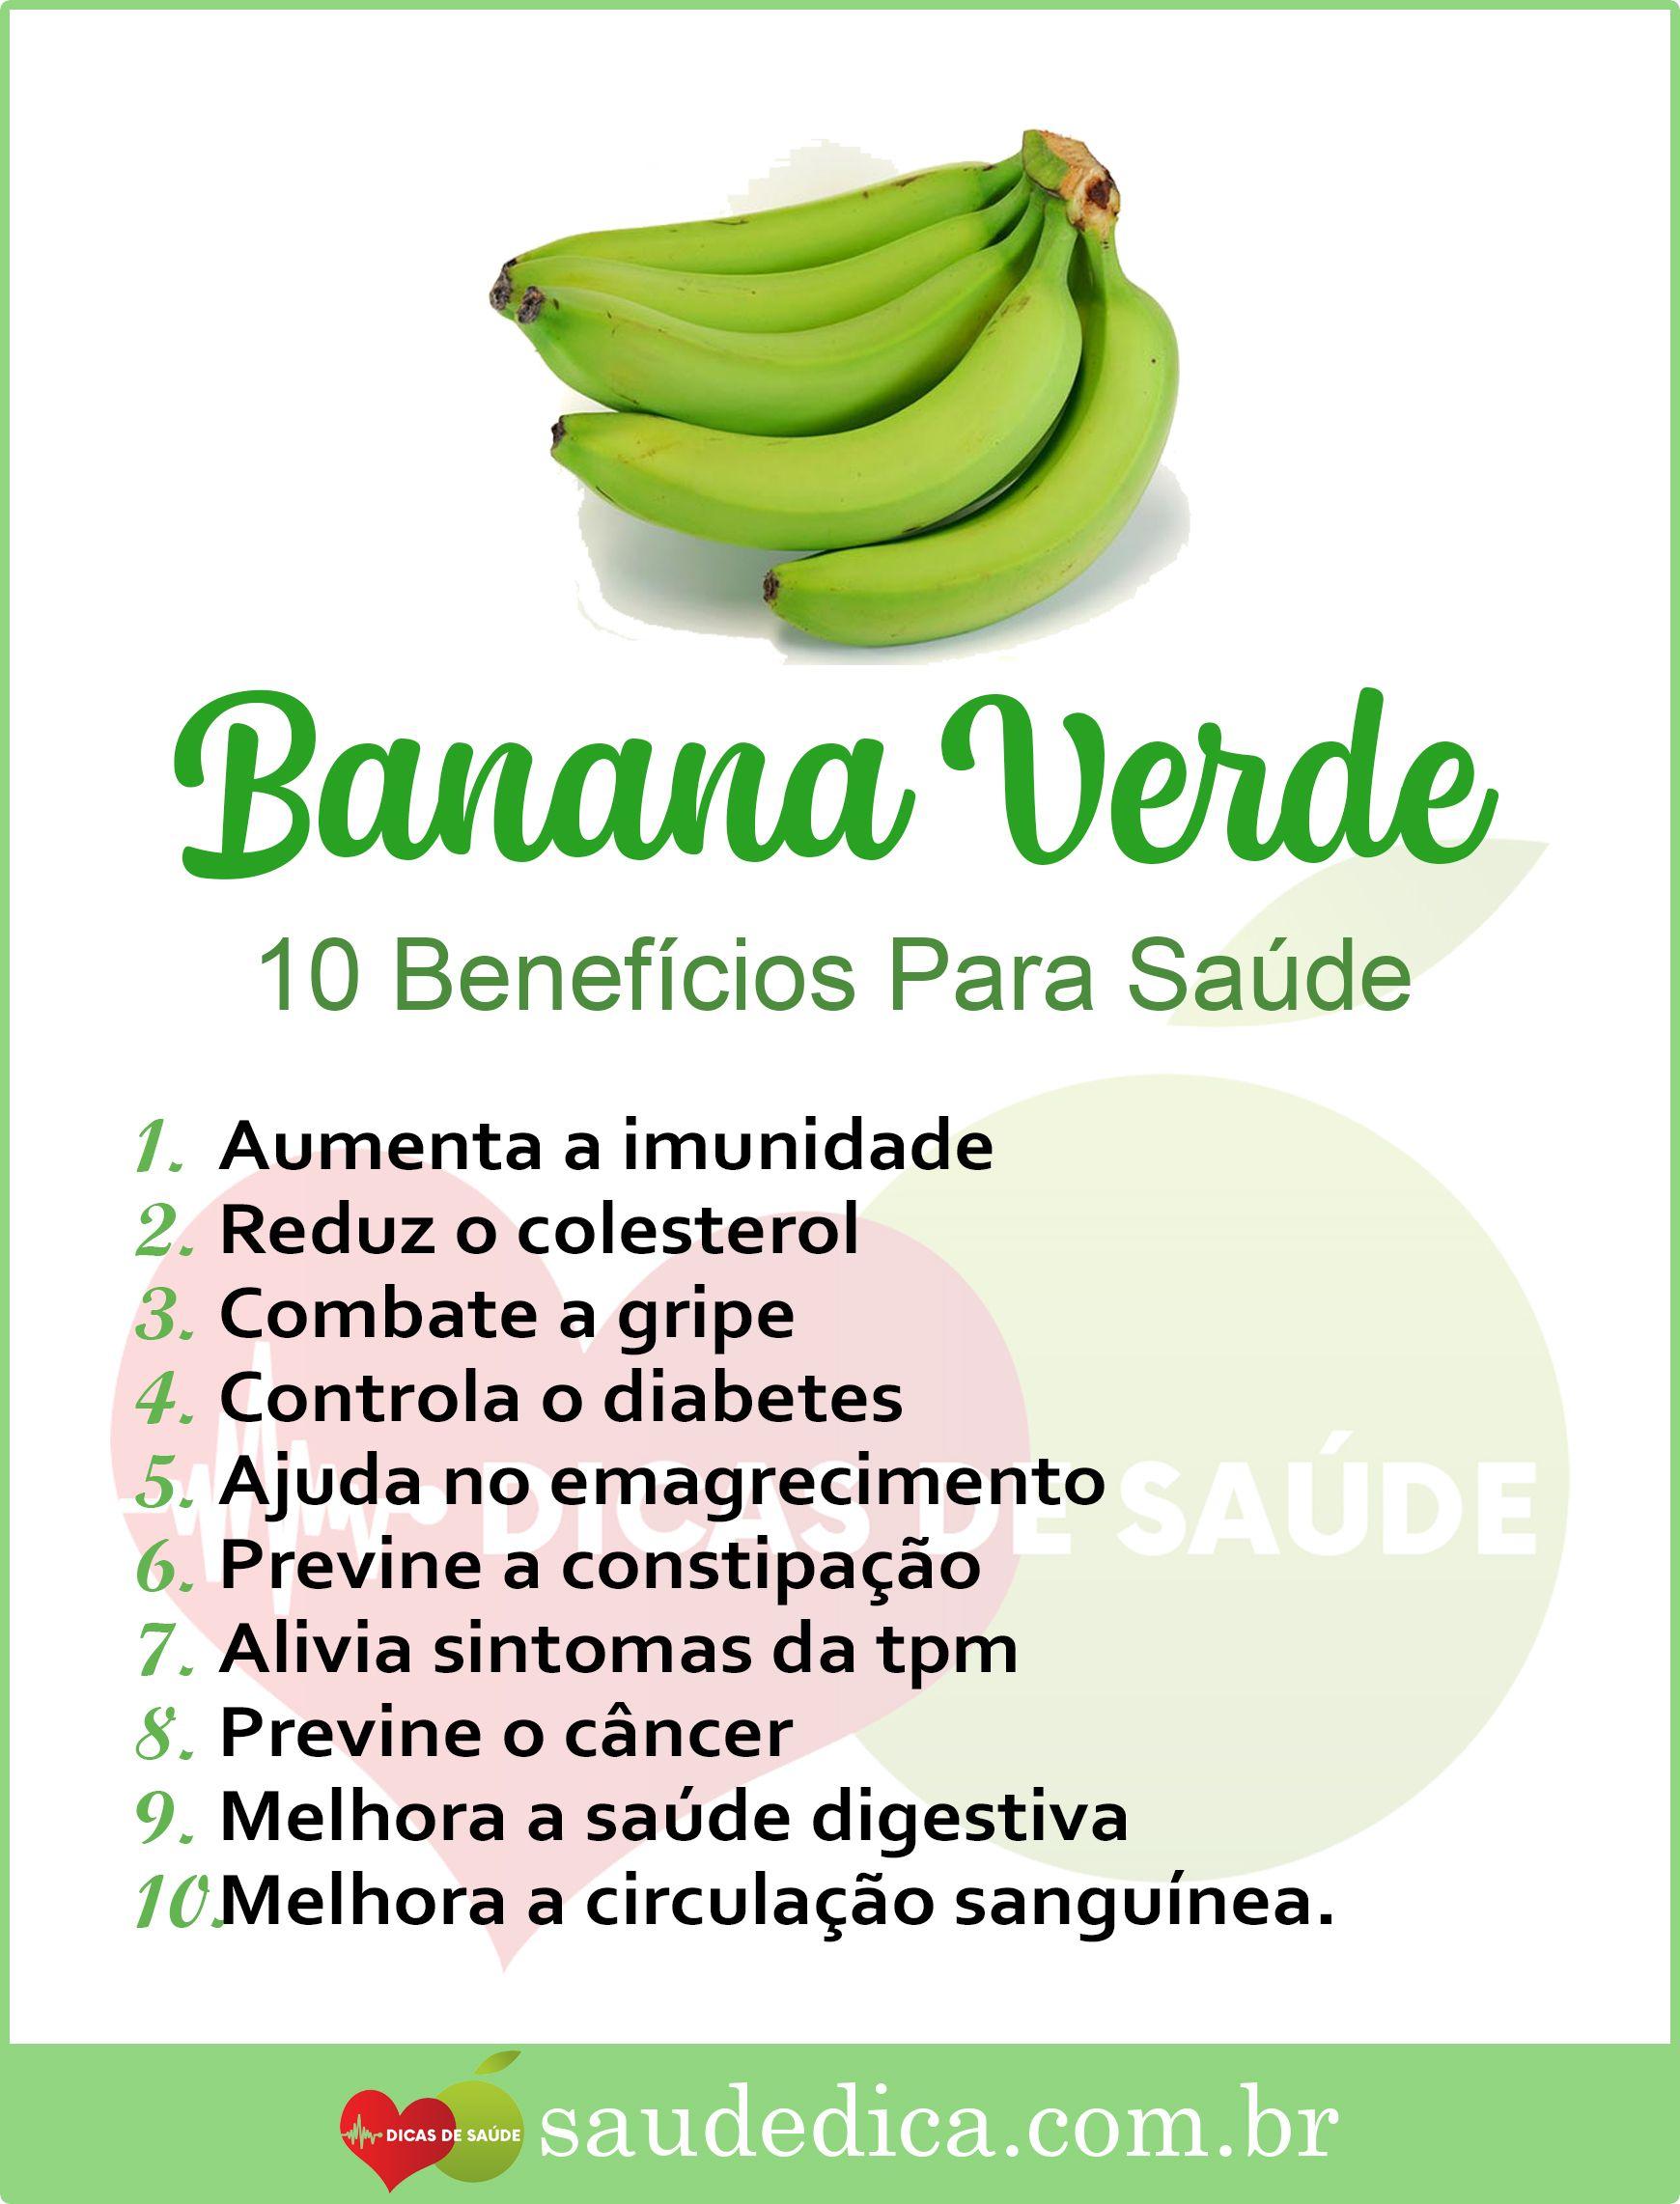 Os 12 Beneficios Da Banana Verde Para Saude Com Imagens